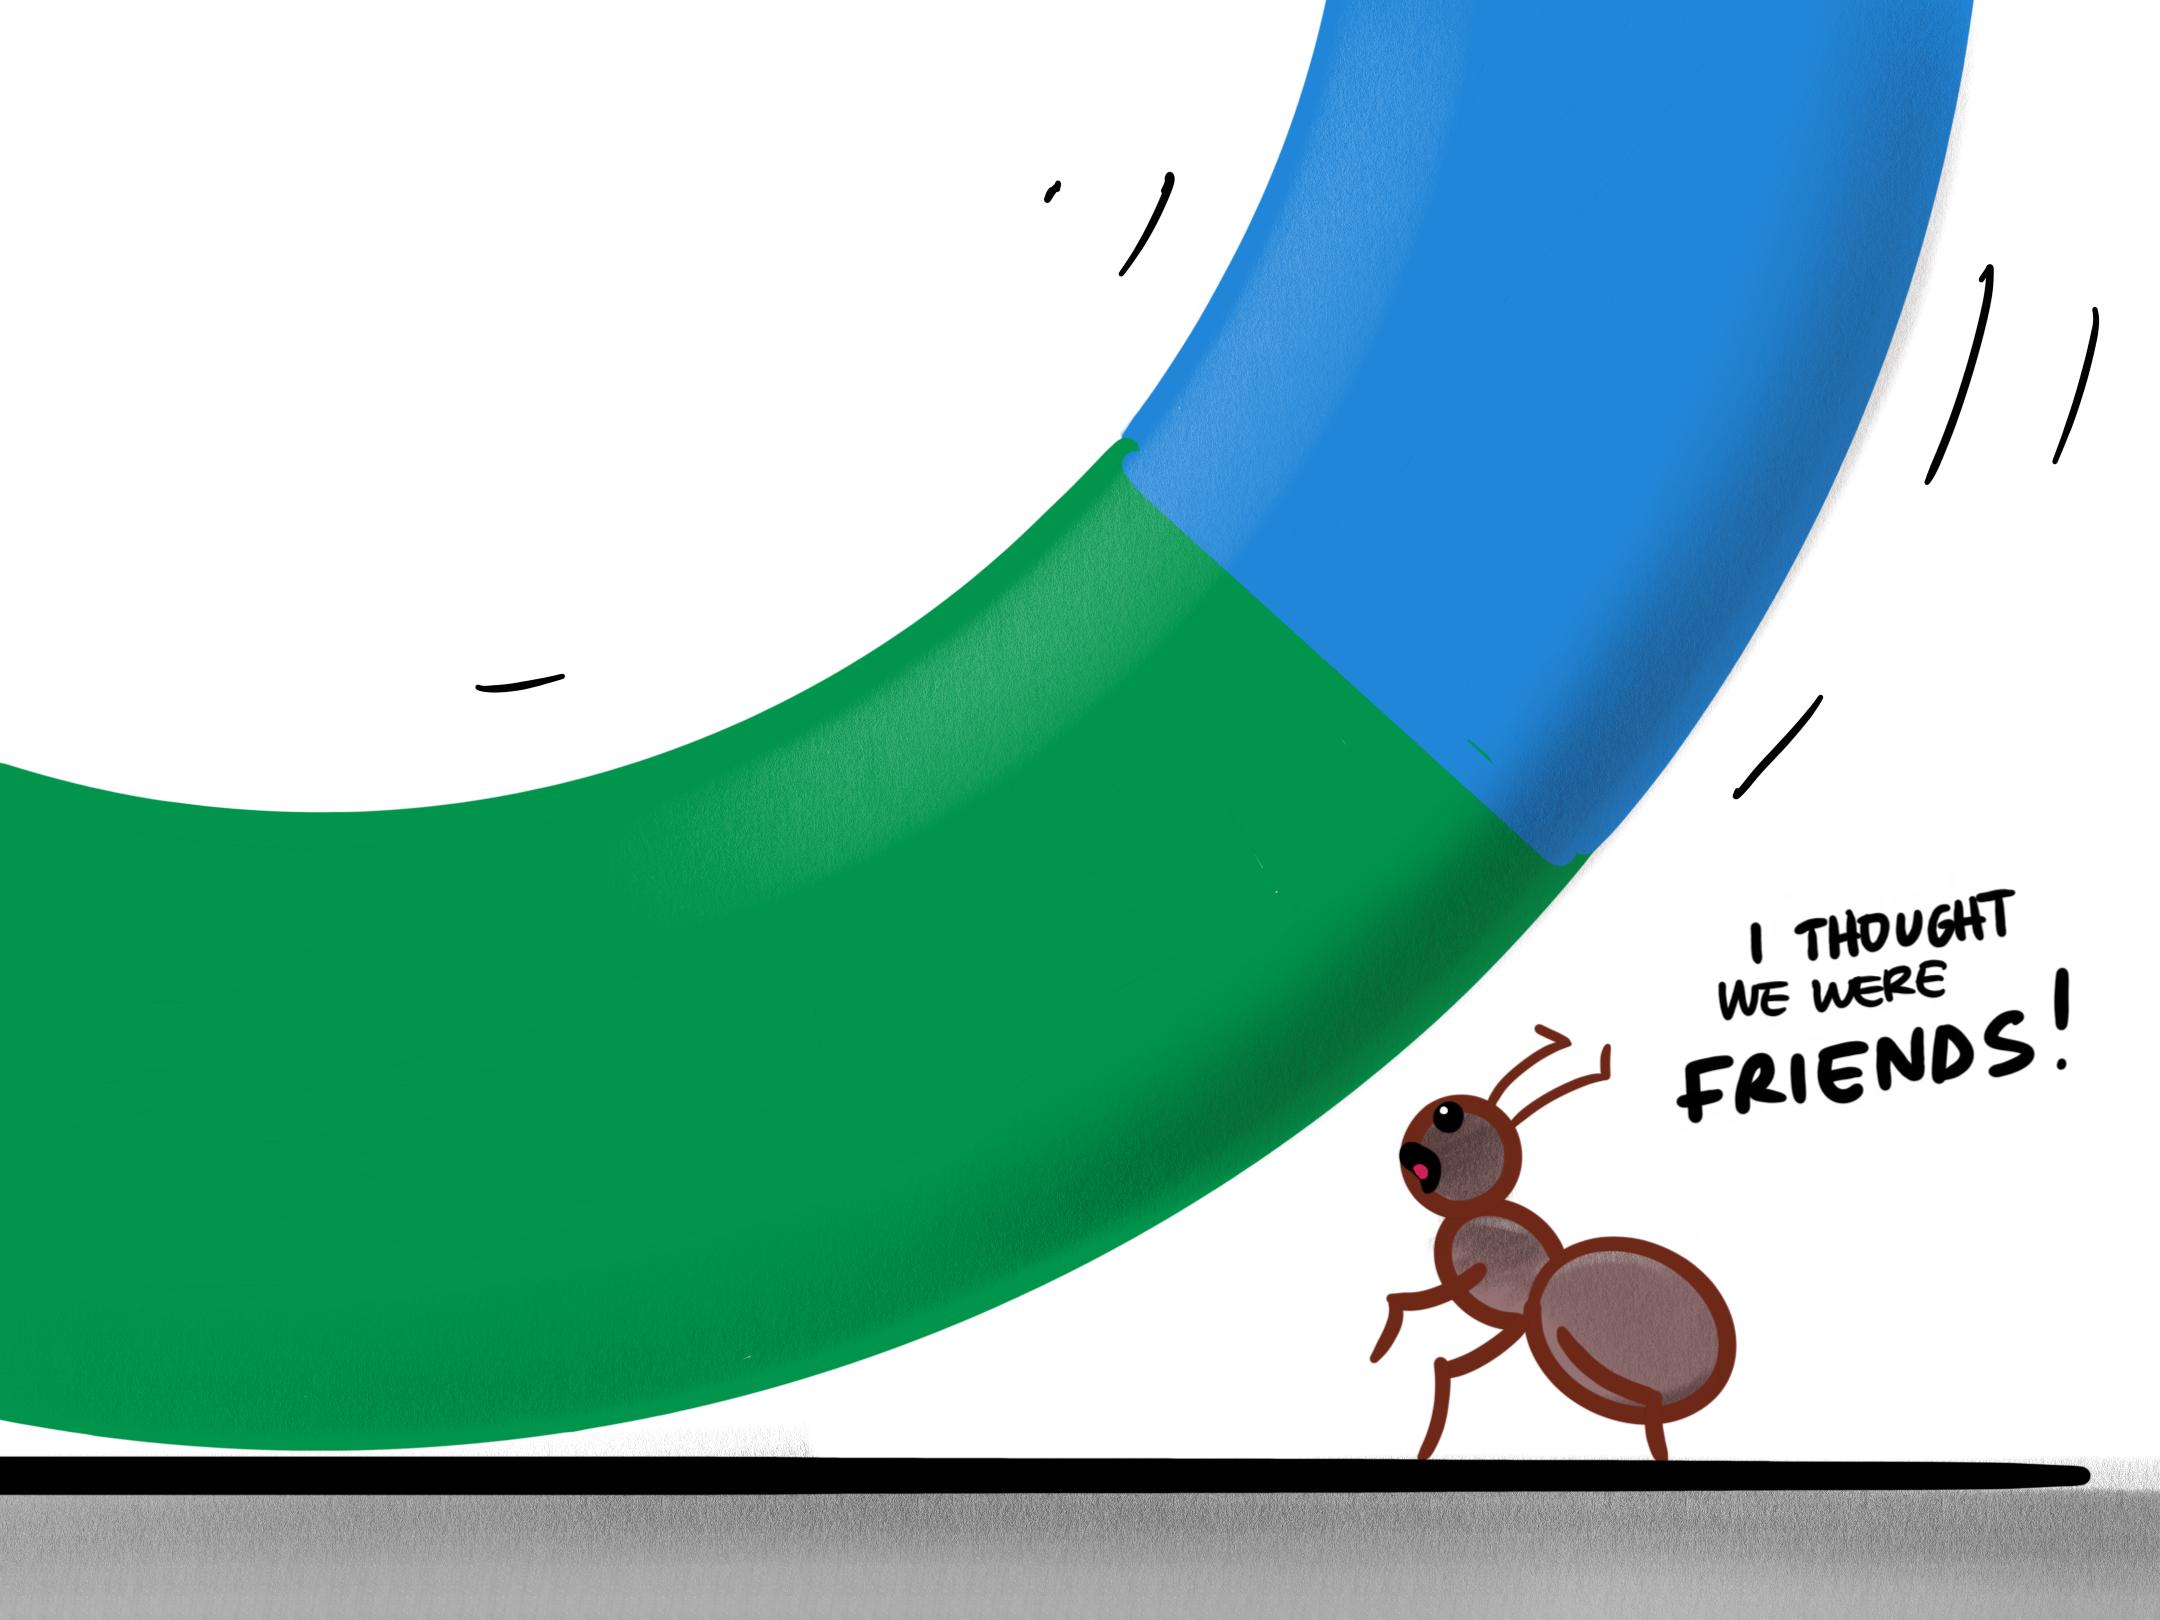 У Google появился новый креативный способ убивать SaaS-стартапы - 1